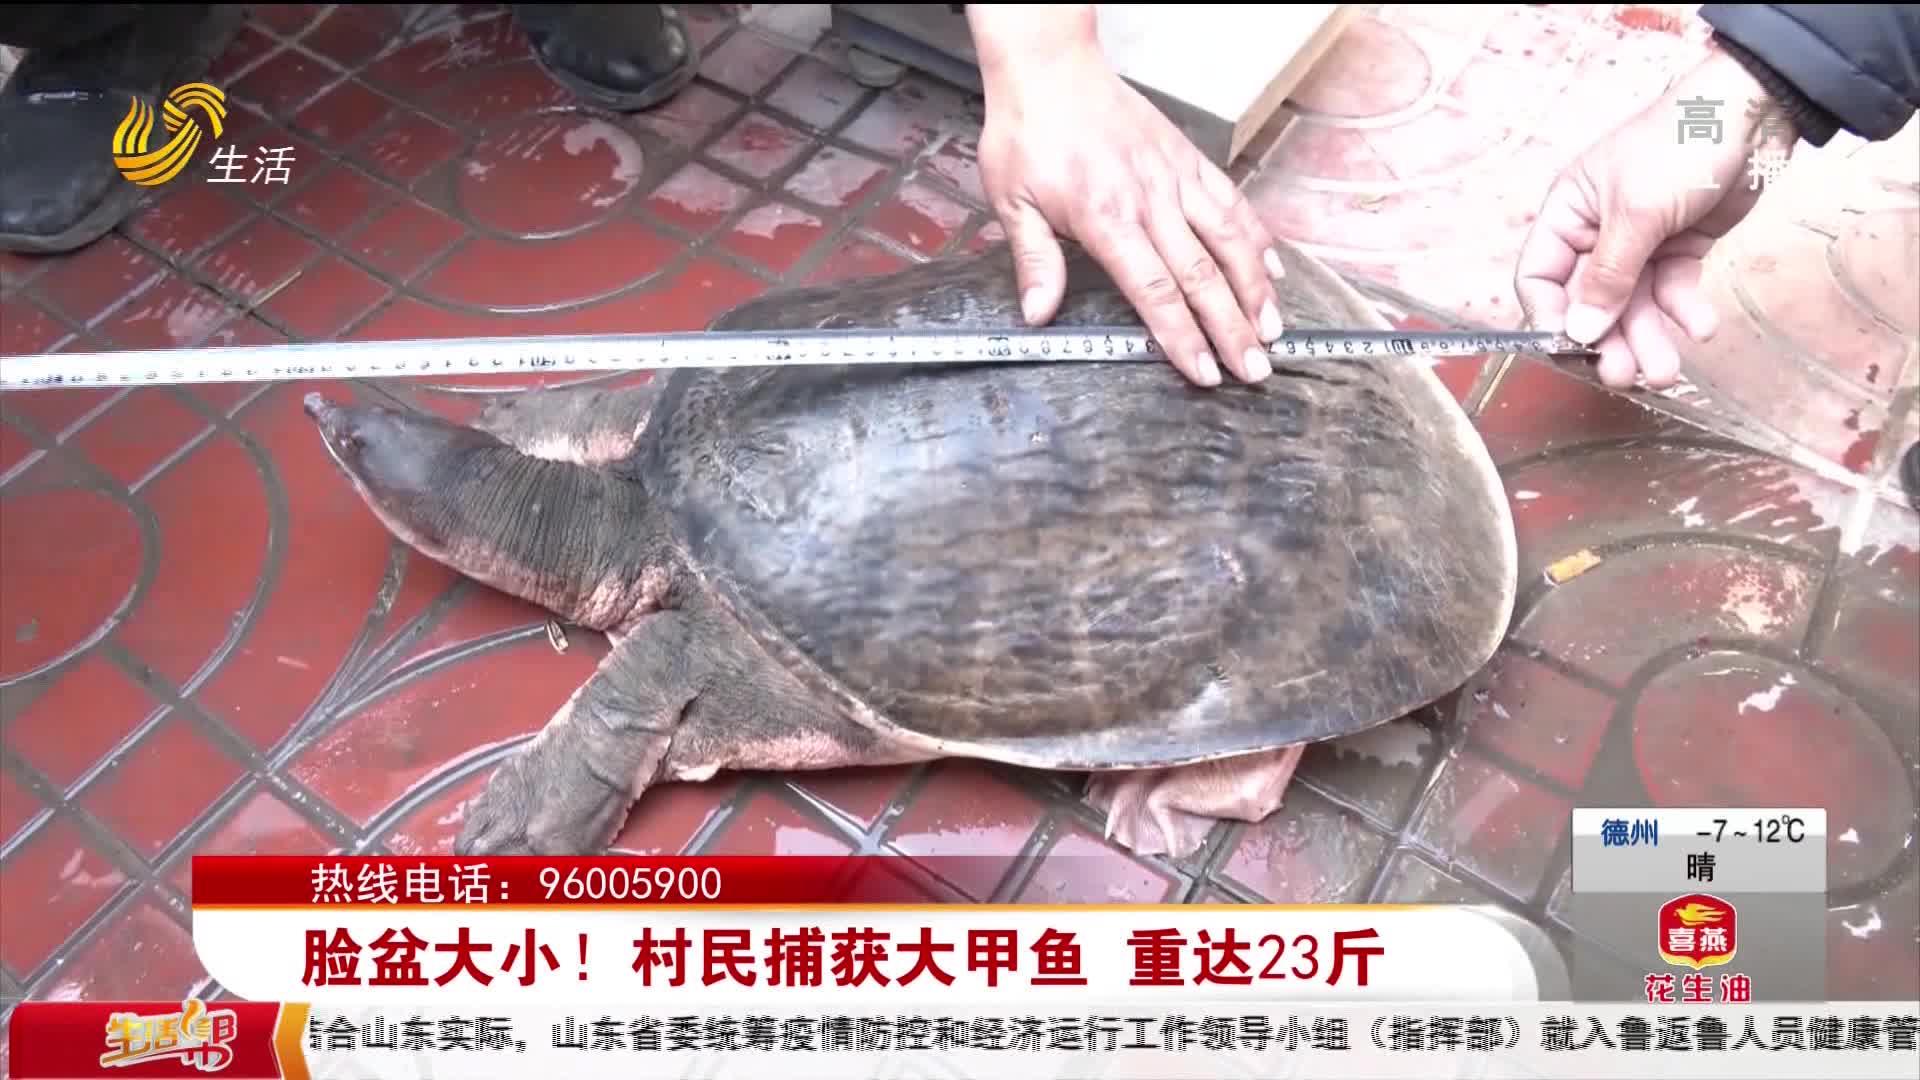 脸盆大小!村民捕获大甲鱼 重达23斤